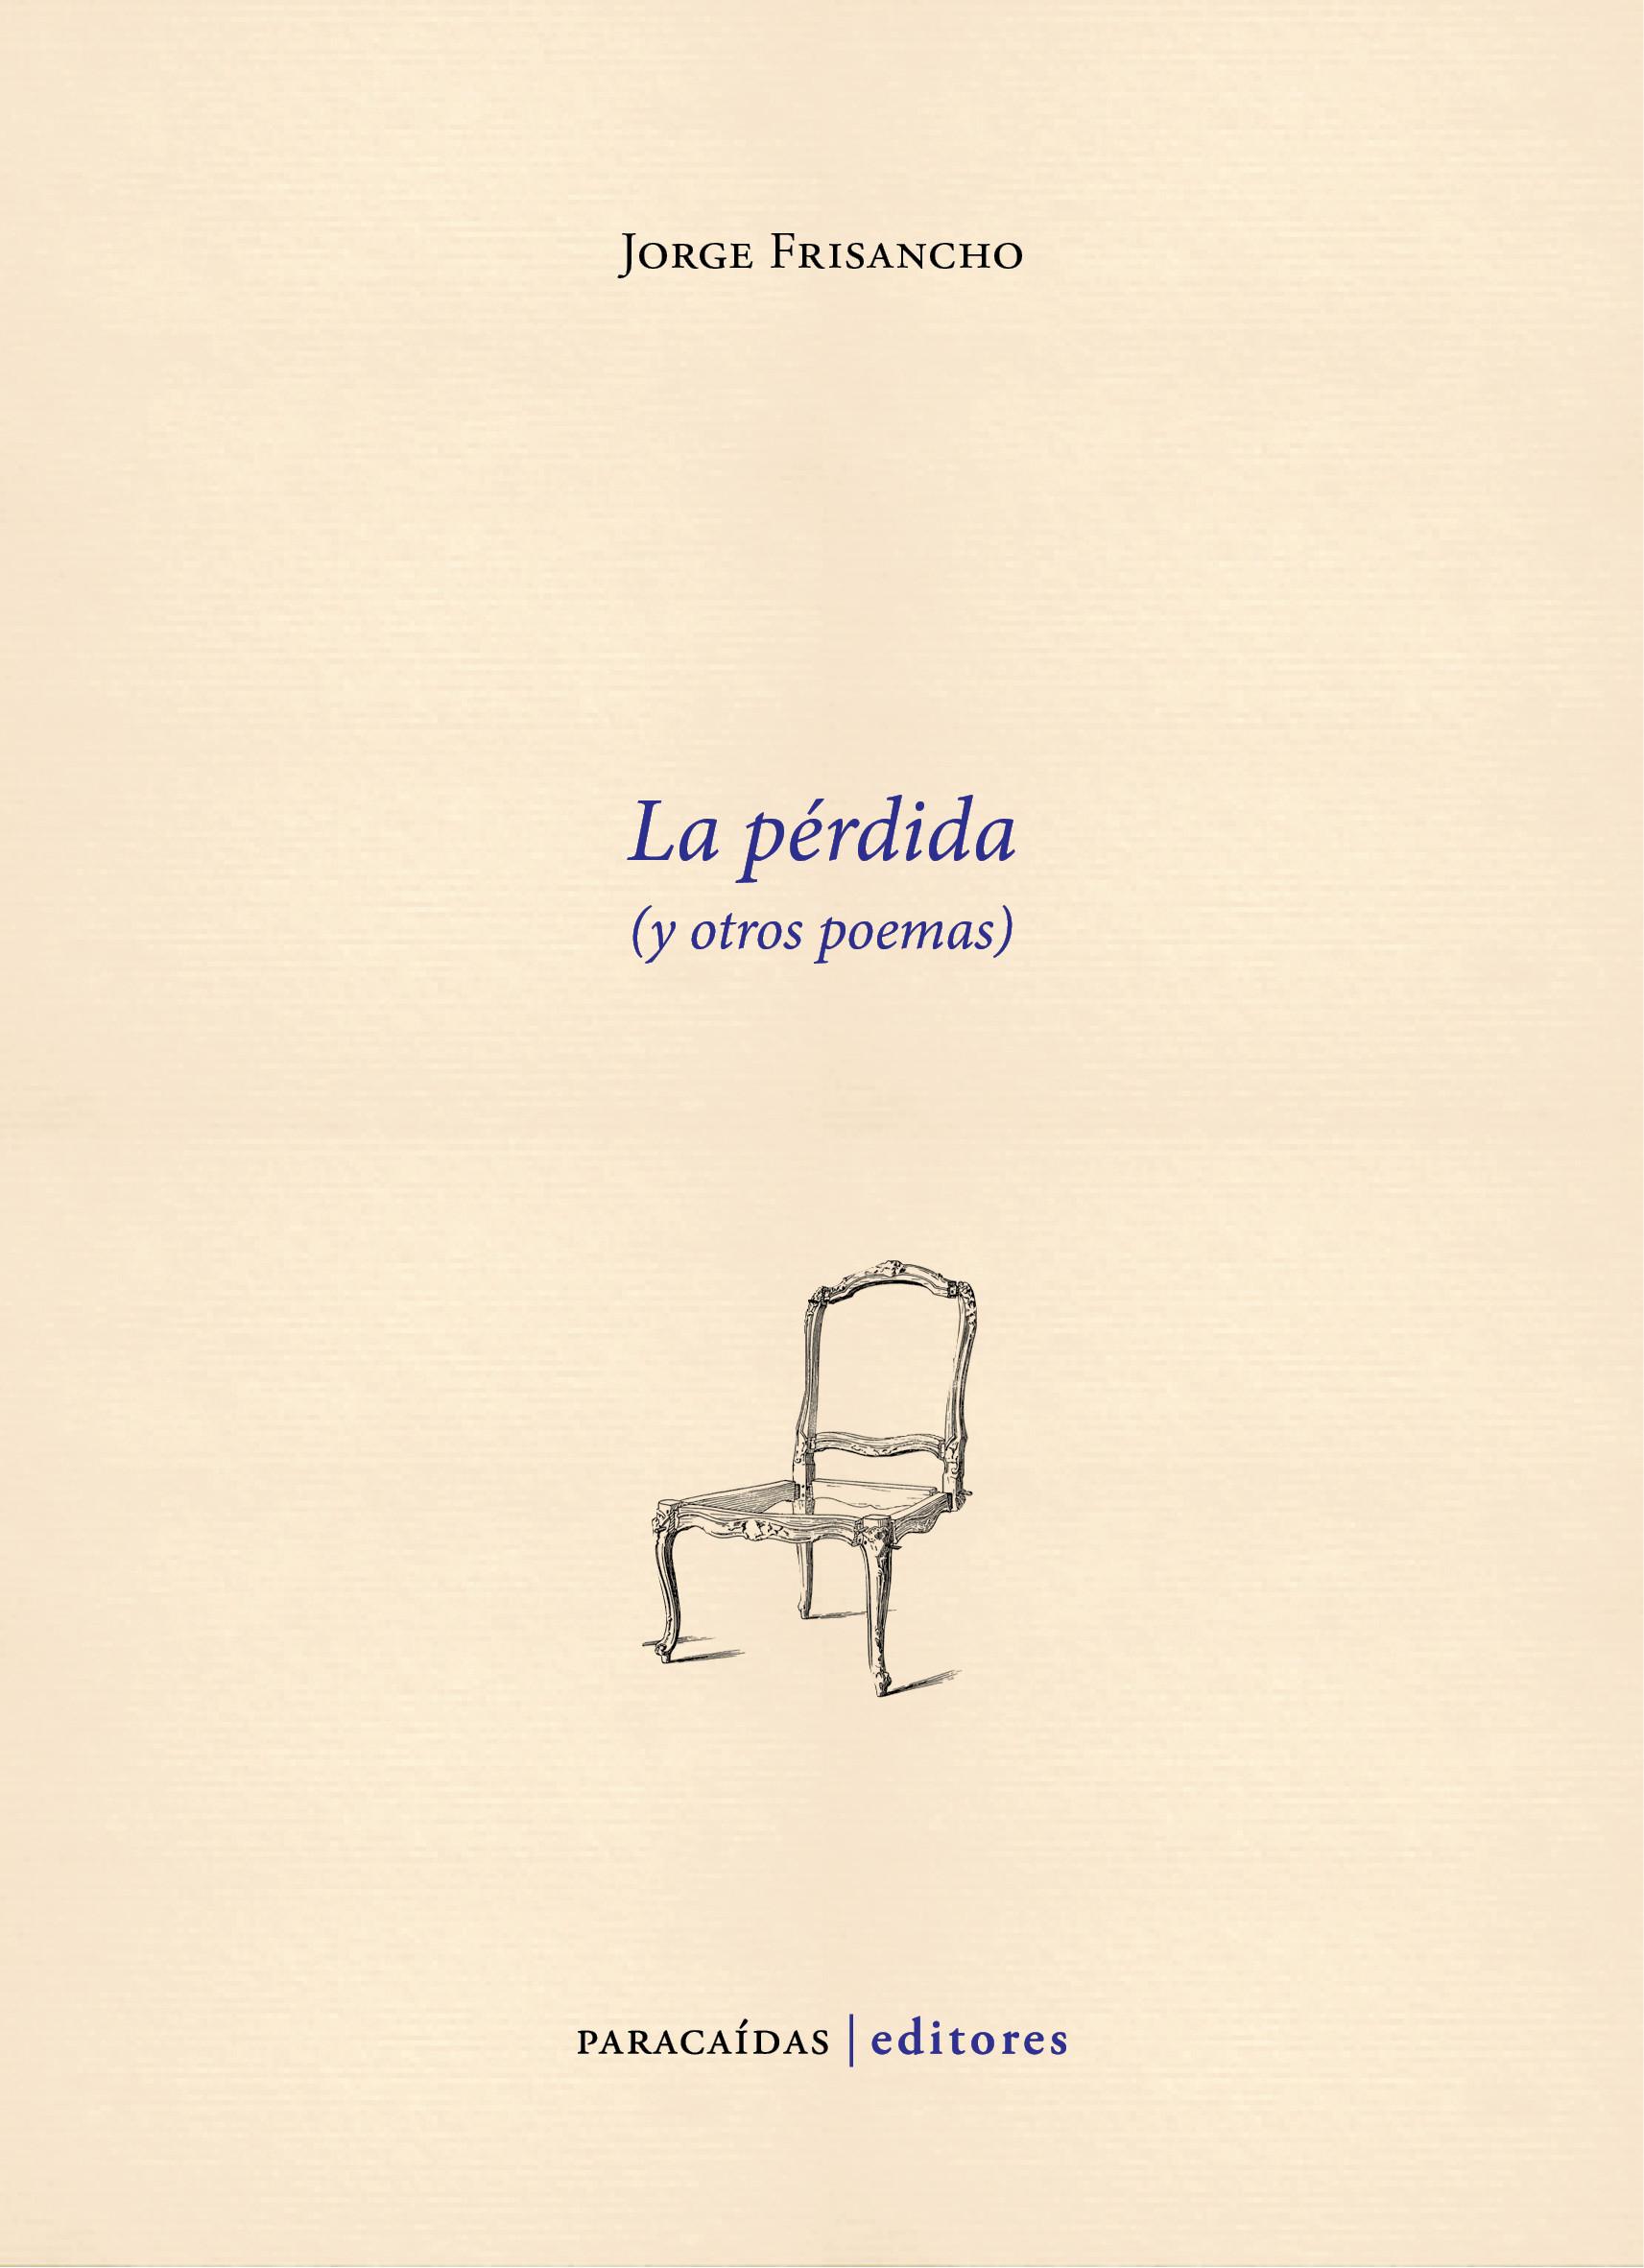 La pérdida y otros poemas